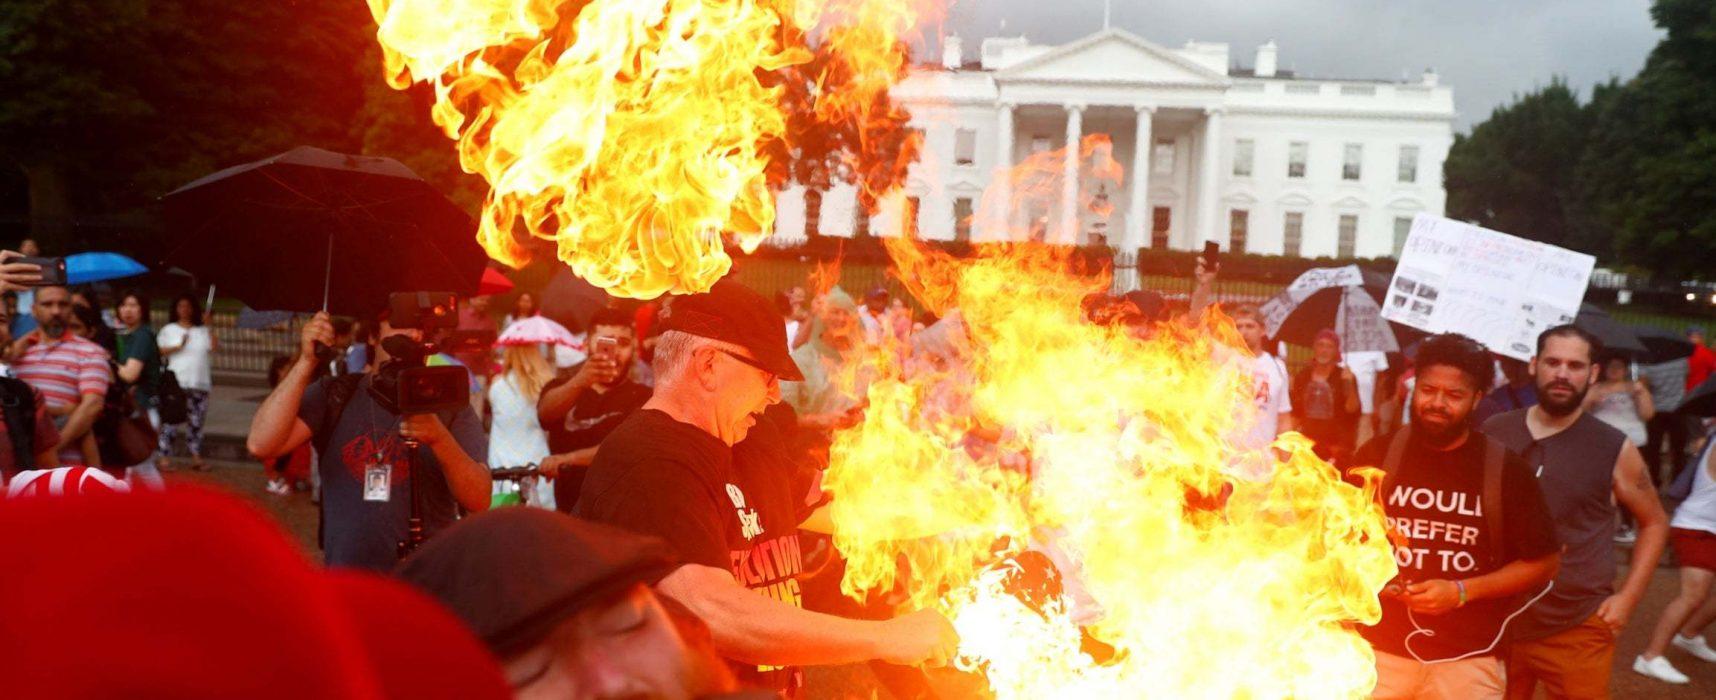 Фейк РИА «Новости»: у Вашингтоні заарештували активістів за спалення американського прапора